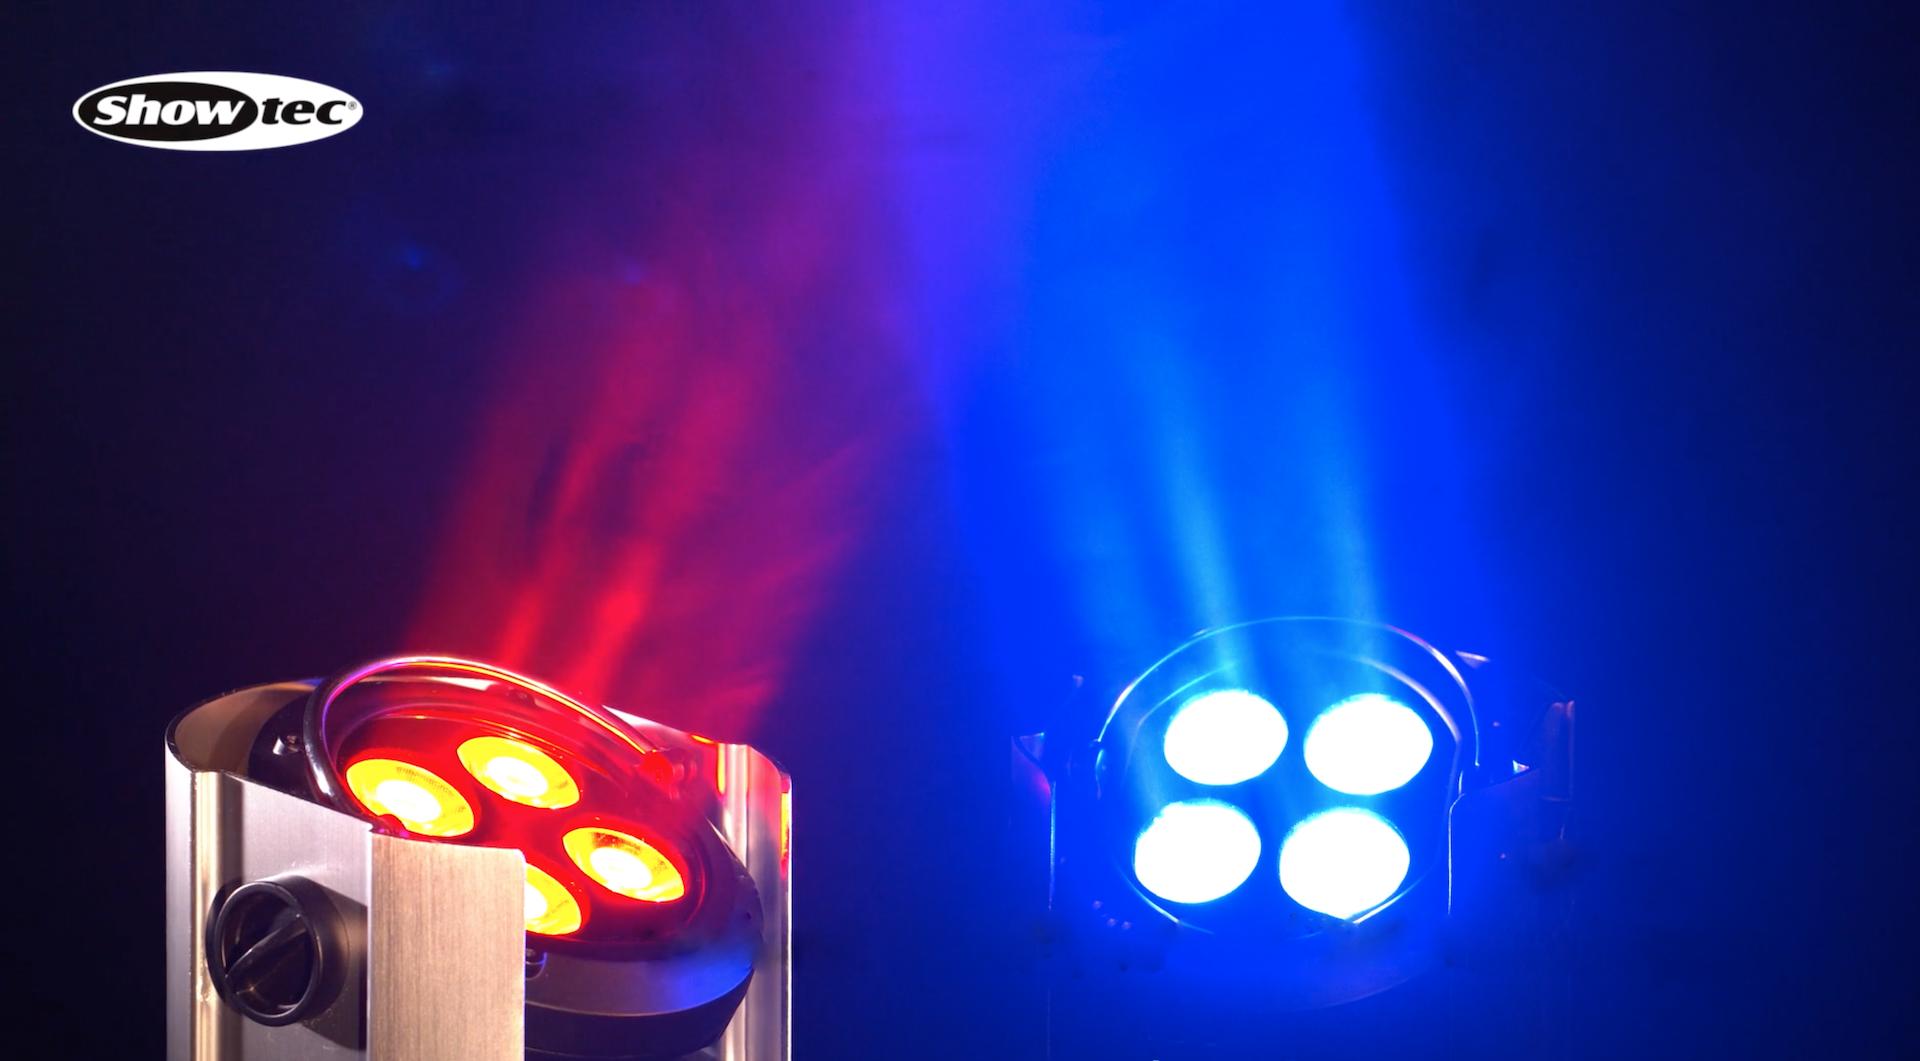 Showtec releases Eventspot 1600 Q4 with W-DMX™